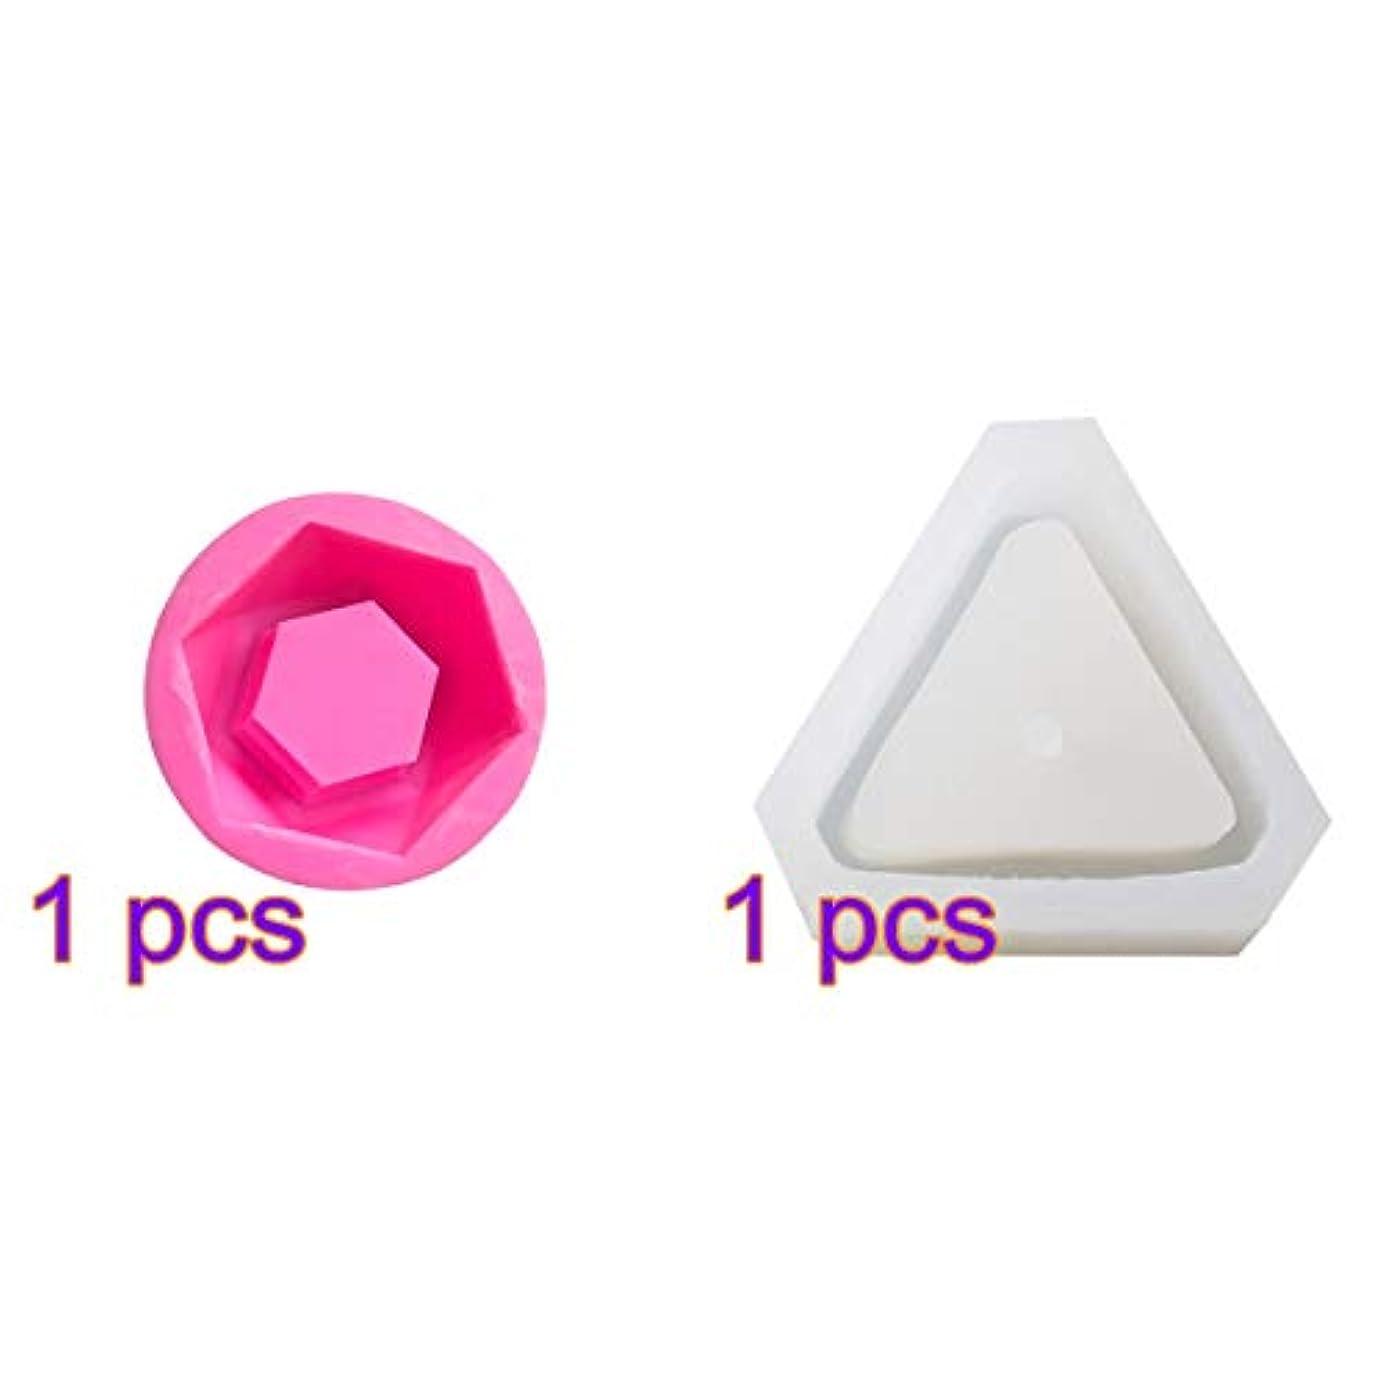 国民傀儡のためにSUPVOX シリコーン金型多肉植物植物セメントプランター金型ホームインテリア(三角形+ダイヤモンド)